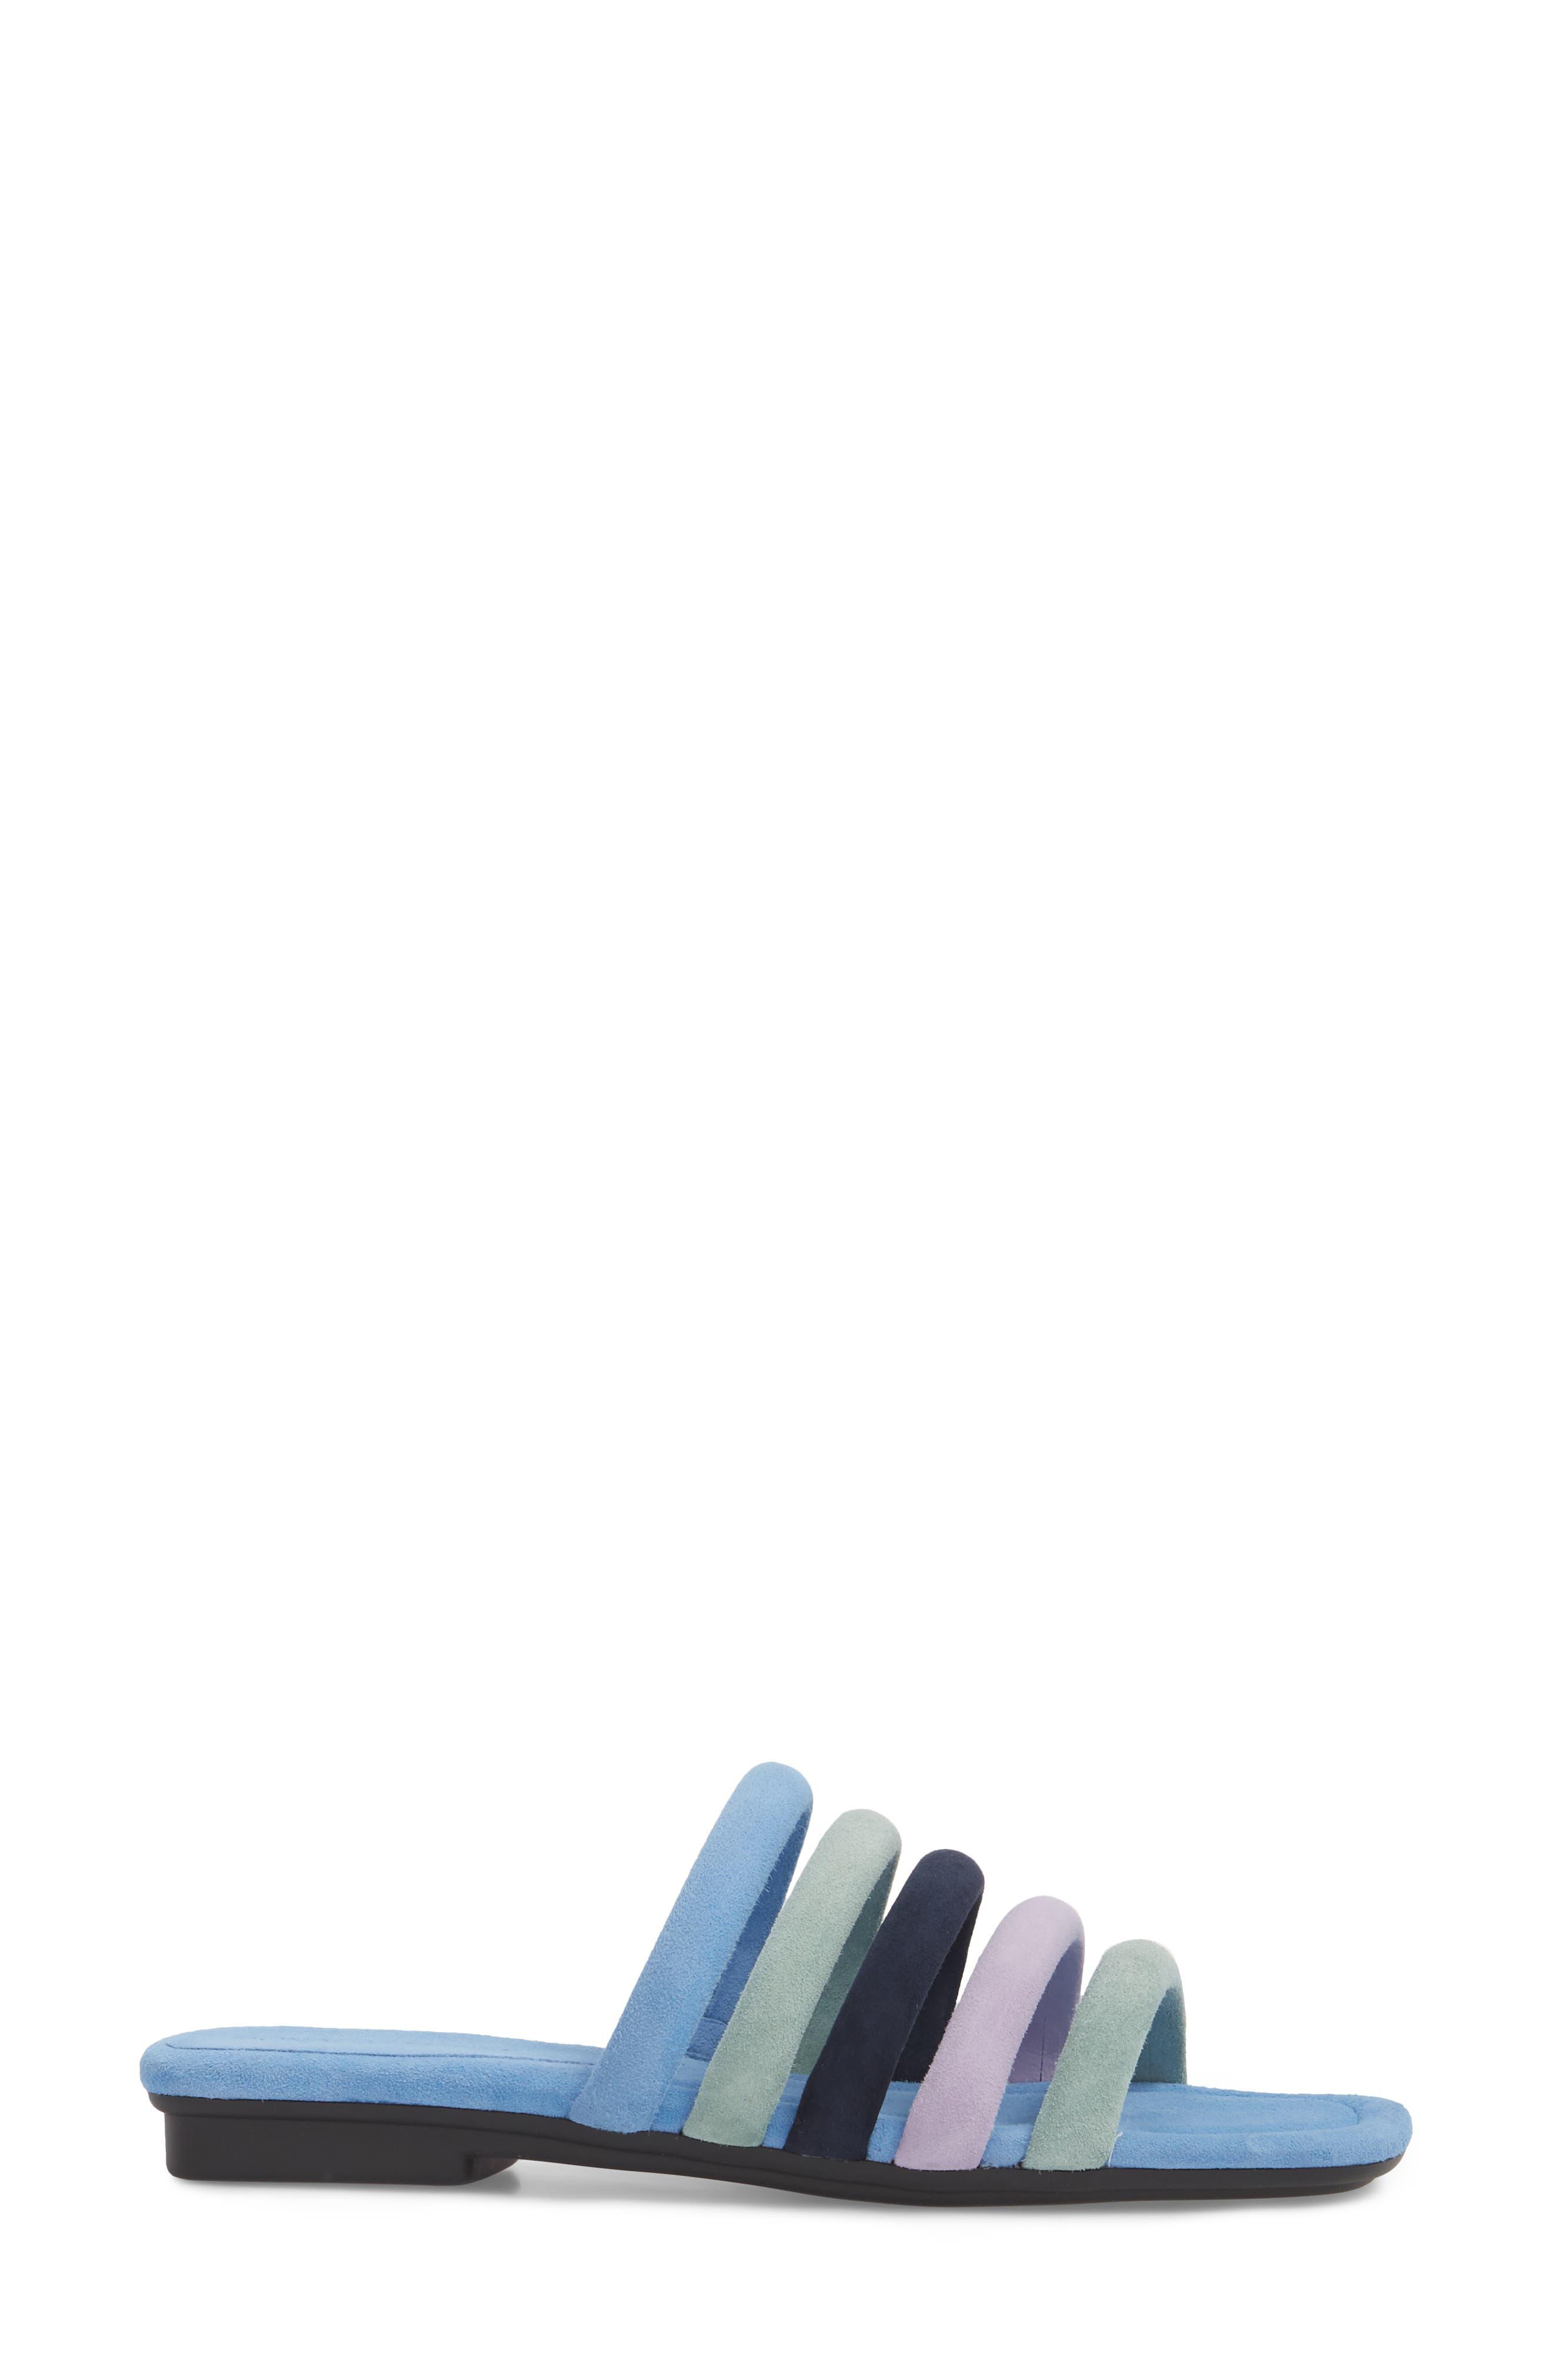 Kip Slide Sandal,                             Alternate thumbnail 3, color,                             Sage/ Blue Leather